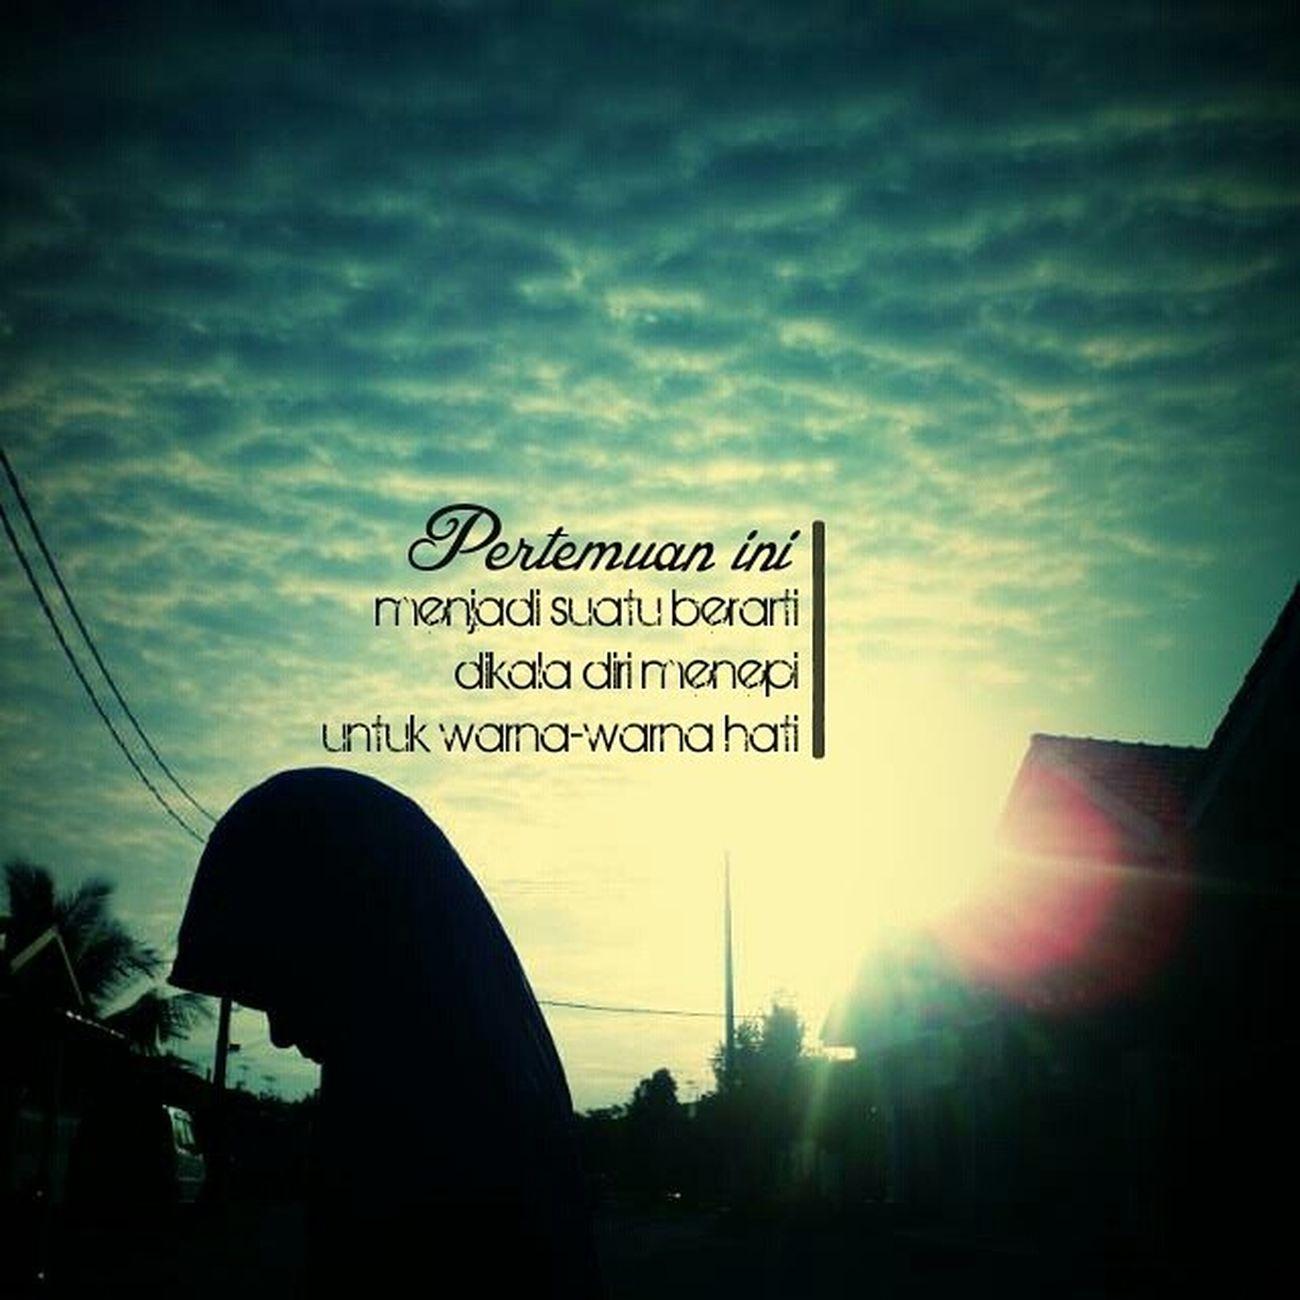 Cinta dihati yang terlahir adlh utk dizahirkan atas dasar Islam & Dakwah . Pertemuan ini menjadi suatu berarti Dikala diri menepi untuk warna-warna hati Ruang-ruang jiwa hanya untuk maha kuasa syair-syair cinta tercipta karna dia Kupu-kupu cinta terbanglah tinggi menuju jalannya Hinggaplah engkau dibunga yang indah Terbang bersama hembus angin cinta Ya illahi Robbi Tiada lain hanyalah namamu Satukan Cinta ini dalam bingkai Untaian ridhomu Pertemuan ini menjadi suatu berarti Dikala diri menepi untuk warna-warna hati Kupu-kupu Cinta | Sigma IlmuBersama Cinta Sahabat Nasyid dakwah